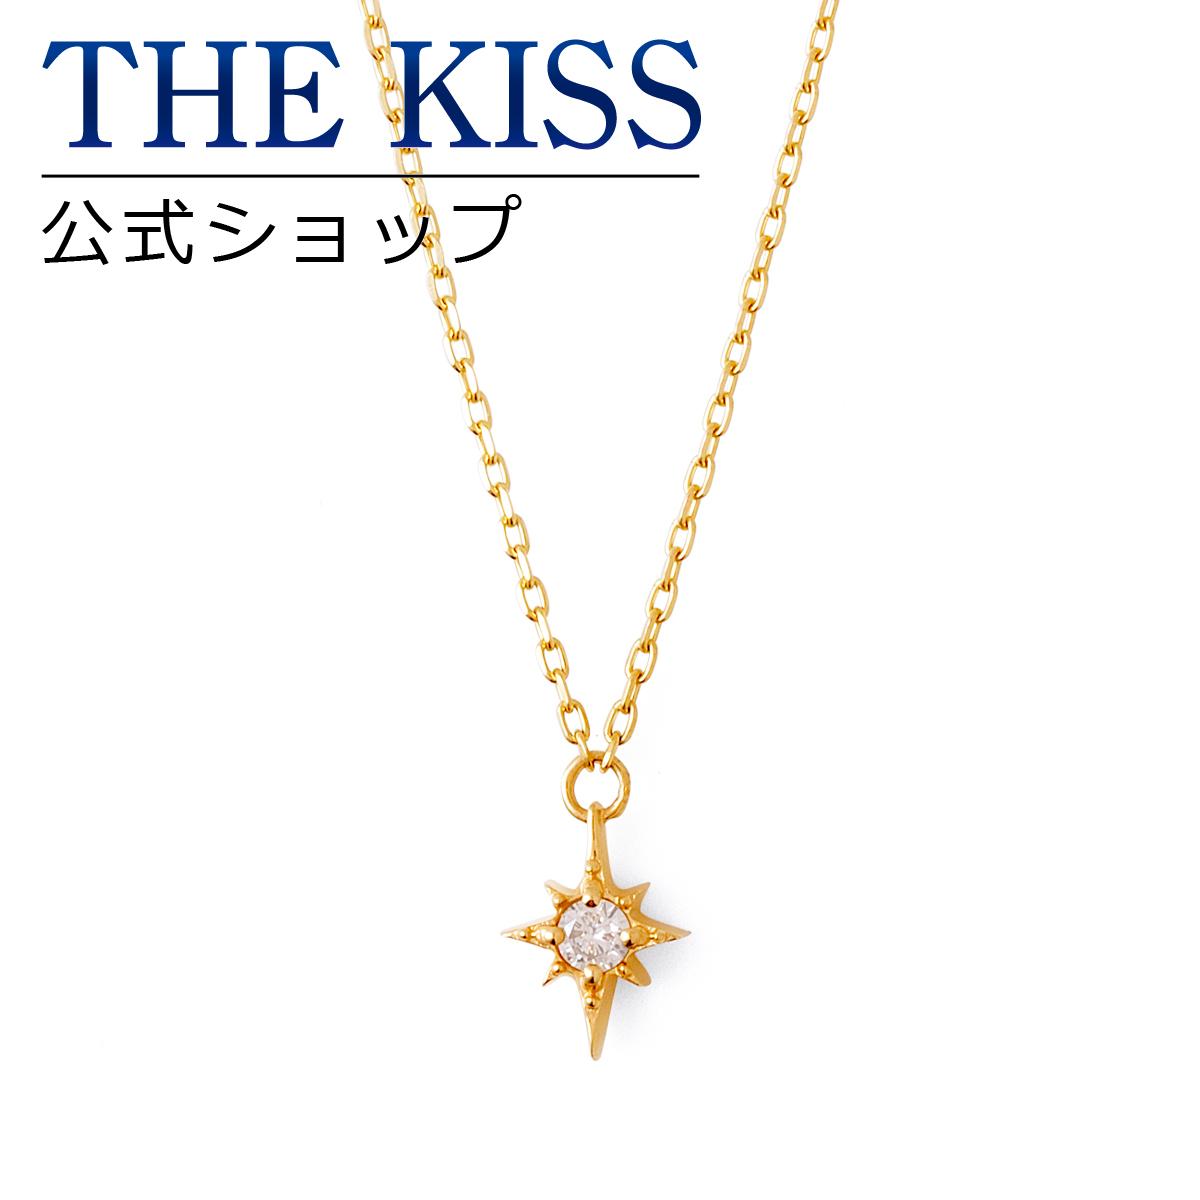 【あす楽対応】【送料無料】【THE KISS sweets】 K10イエローゴールド ダイヤモンド レディース ネックレス 40cm ☆ ダイヤモンド ゴールド レディース ネックレス 首飾り ブランド Ladies Necklace